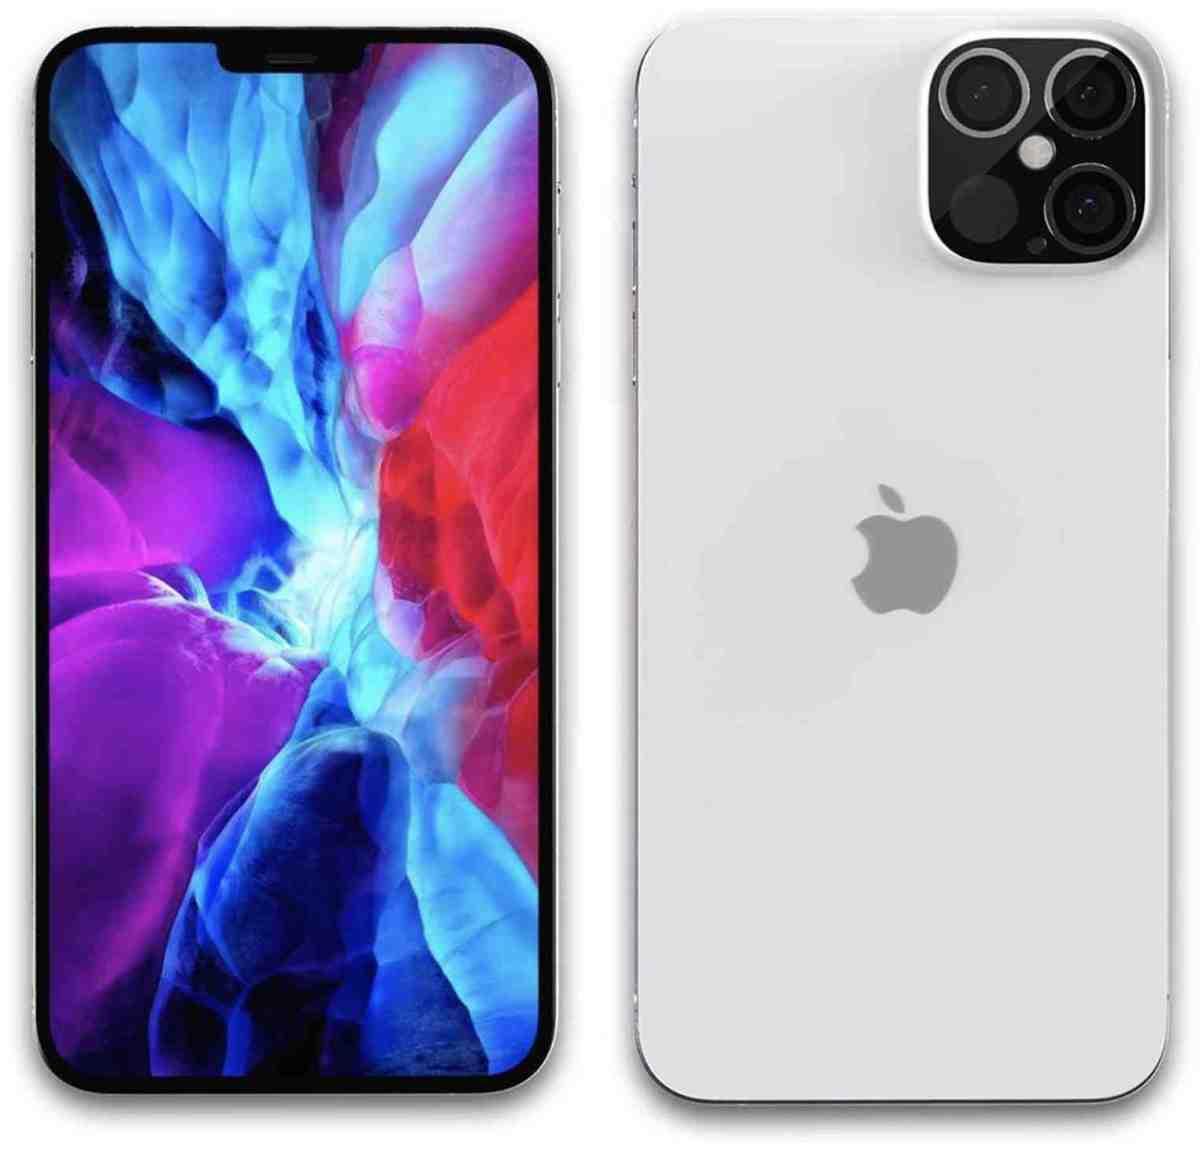 Quand iPhone 12 Pro Max ?